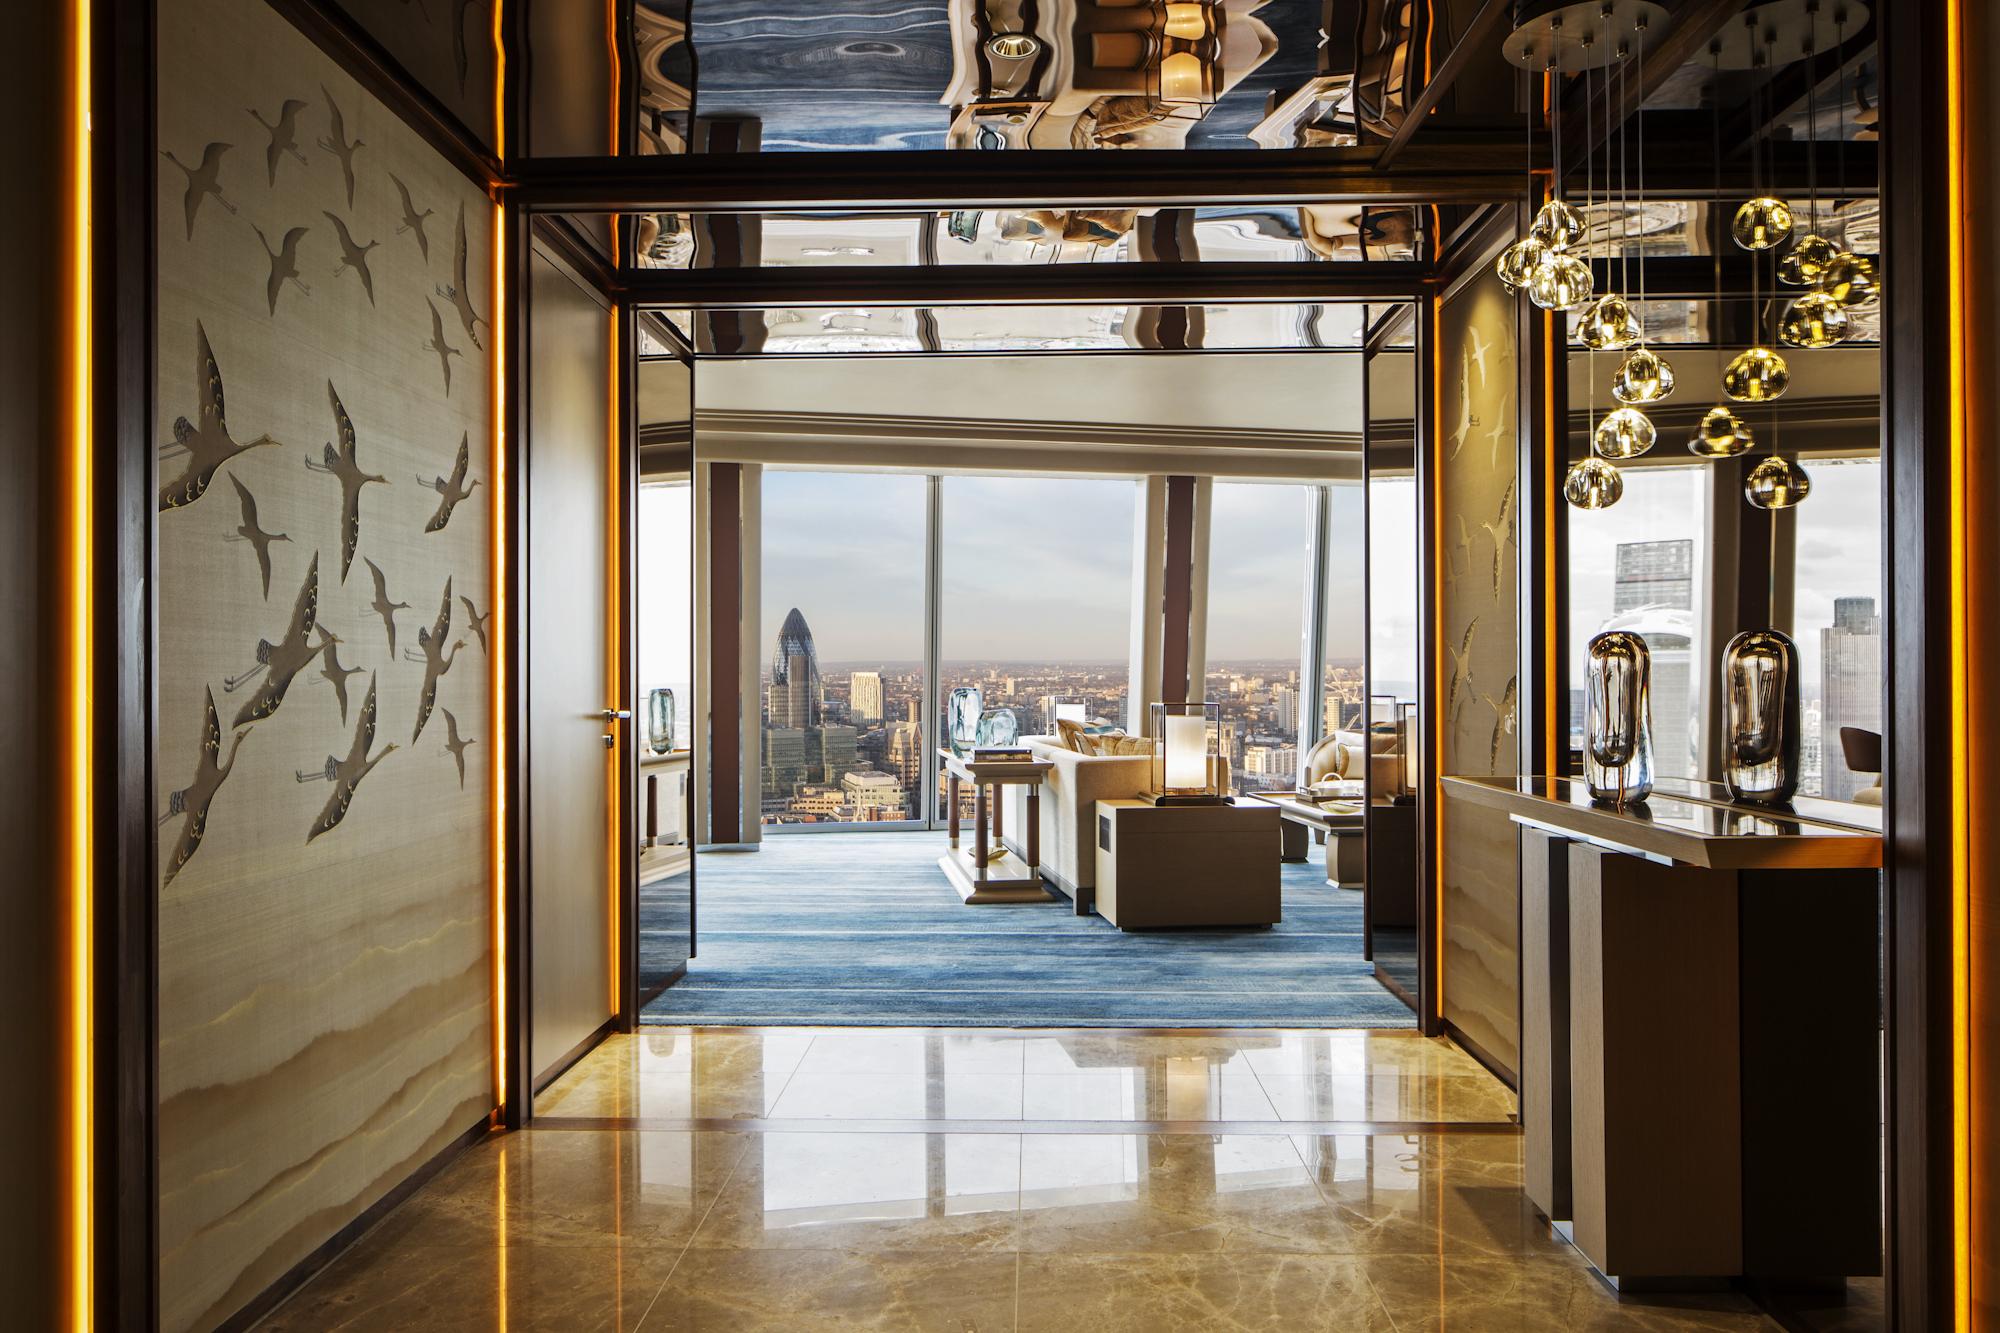 Shangri-La Hotels' strategic management